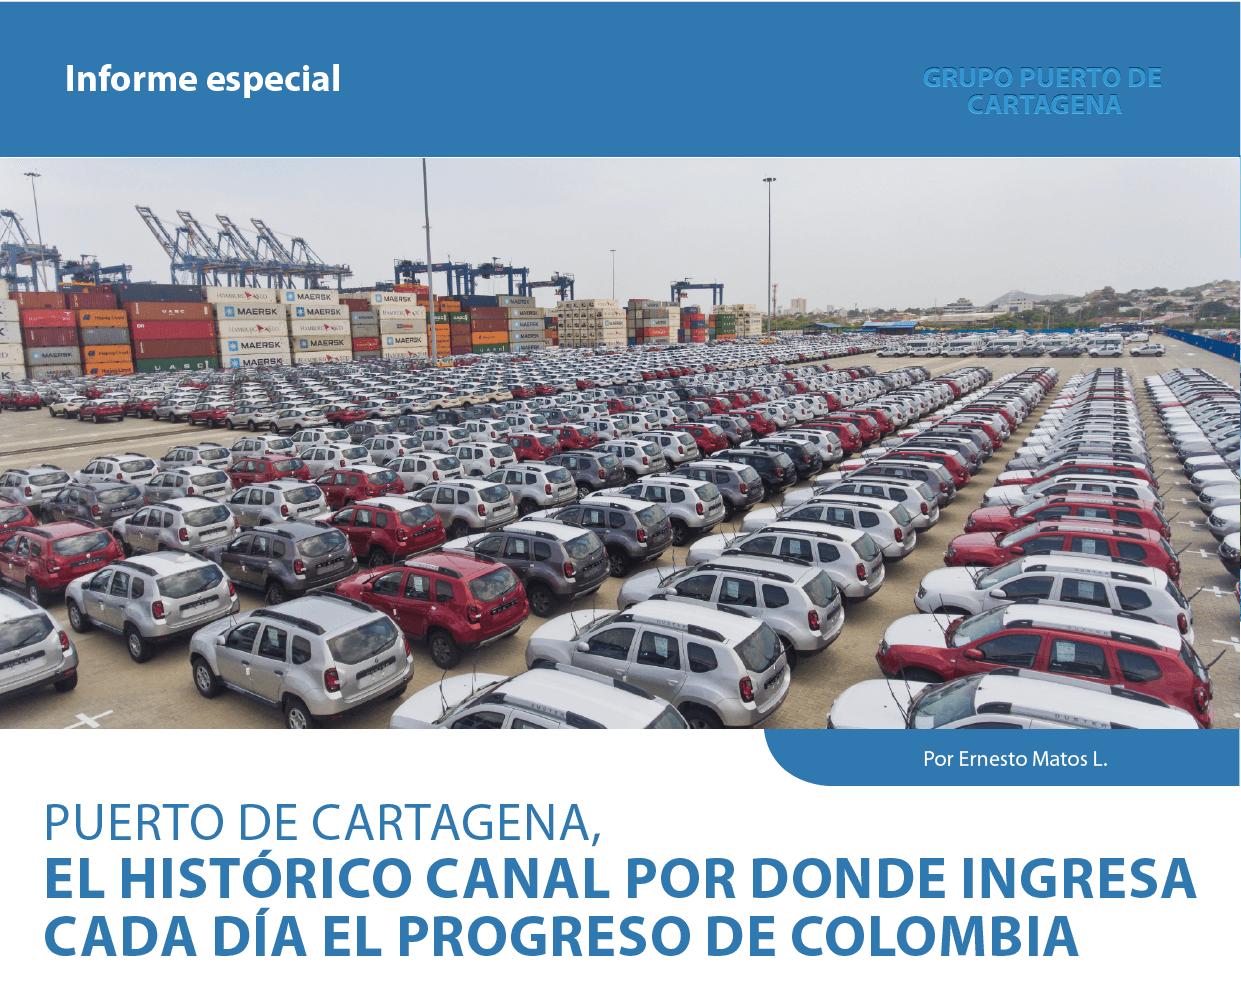 puerto-cartagena-historico-roro2